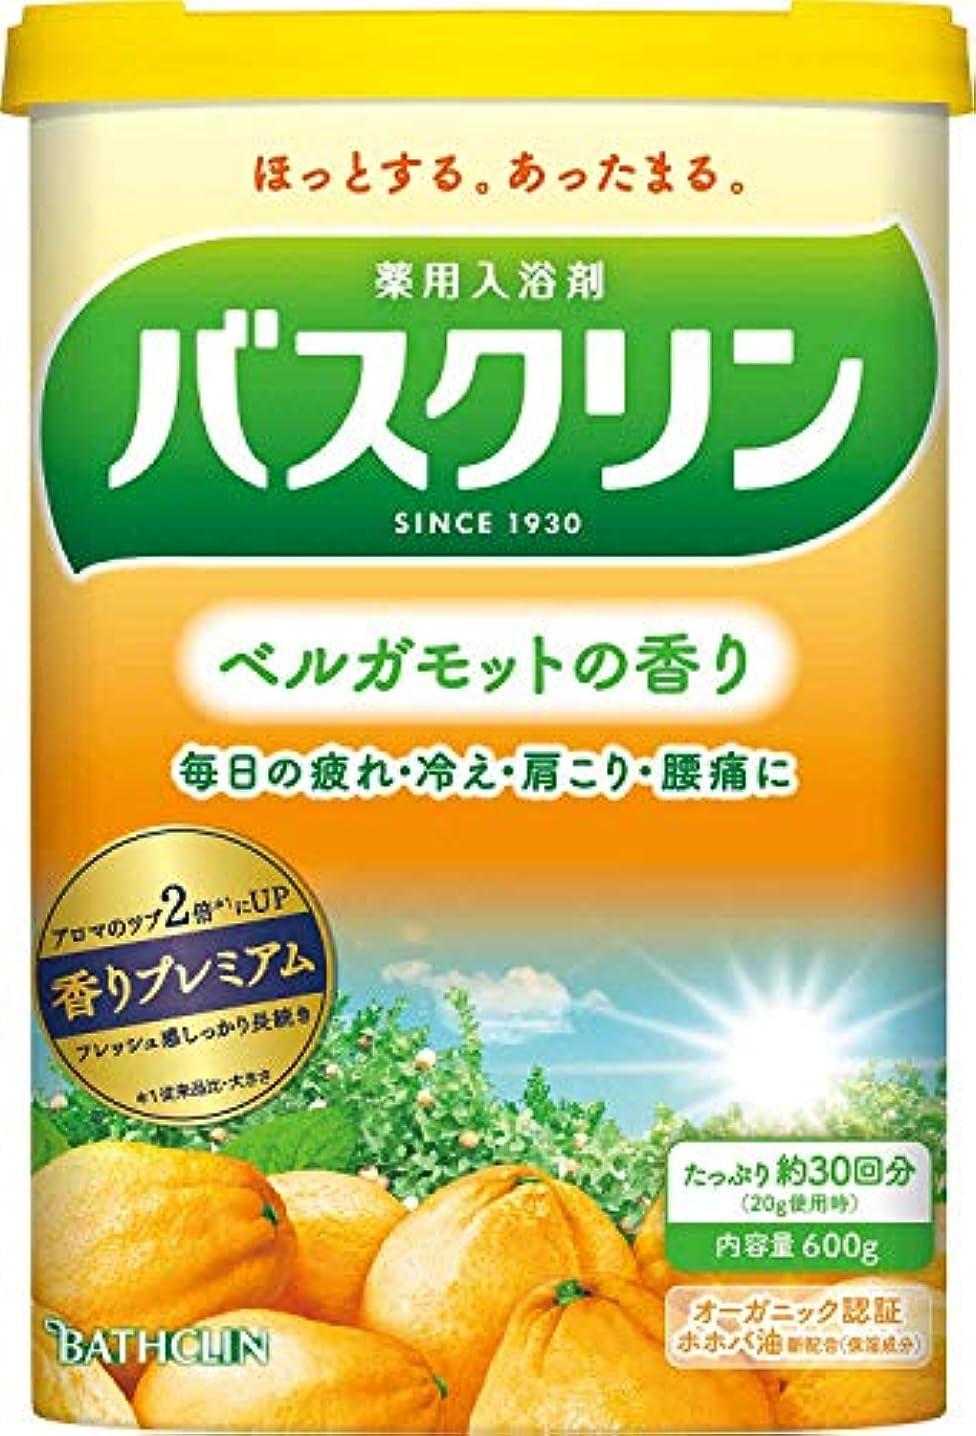 バクテリア結婚式仲間、同僚【医薬部外品】バスクリン入浴剤 ベルガモットの香り600g(約30回分) 疲労回復